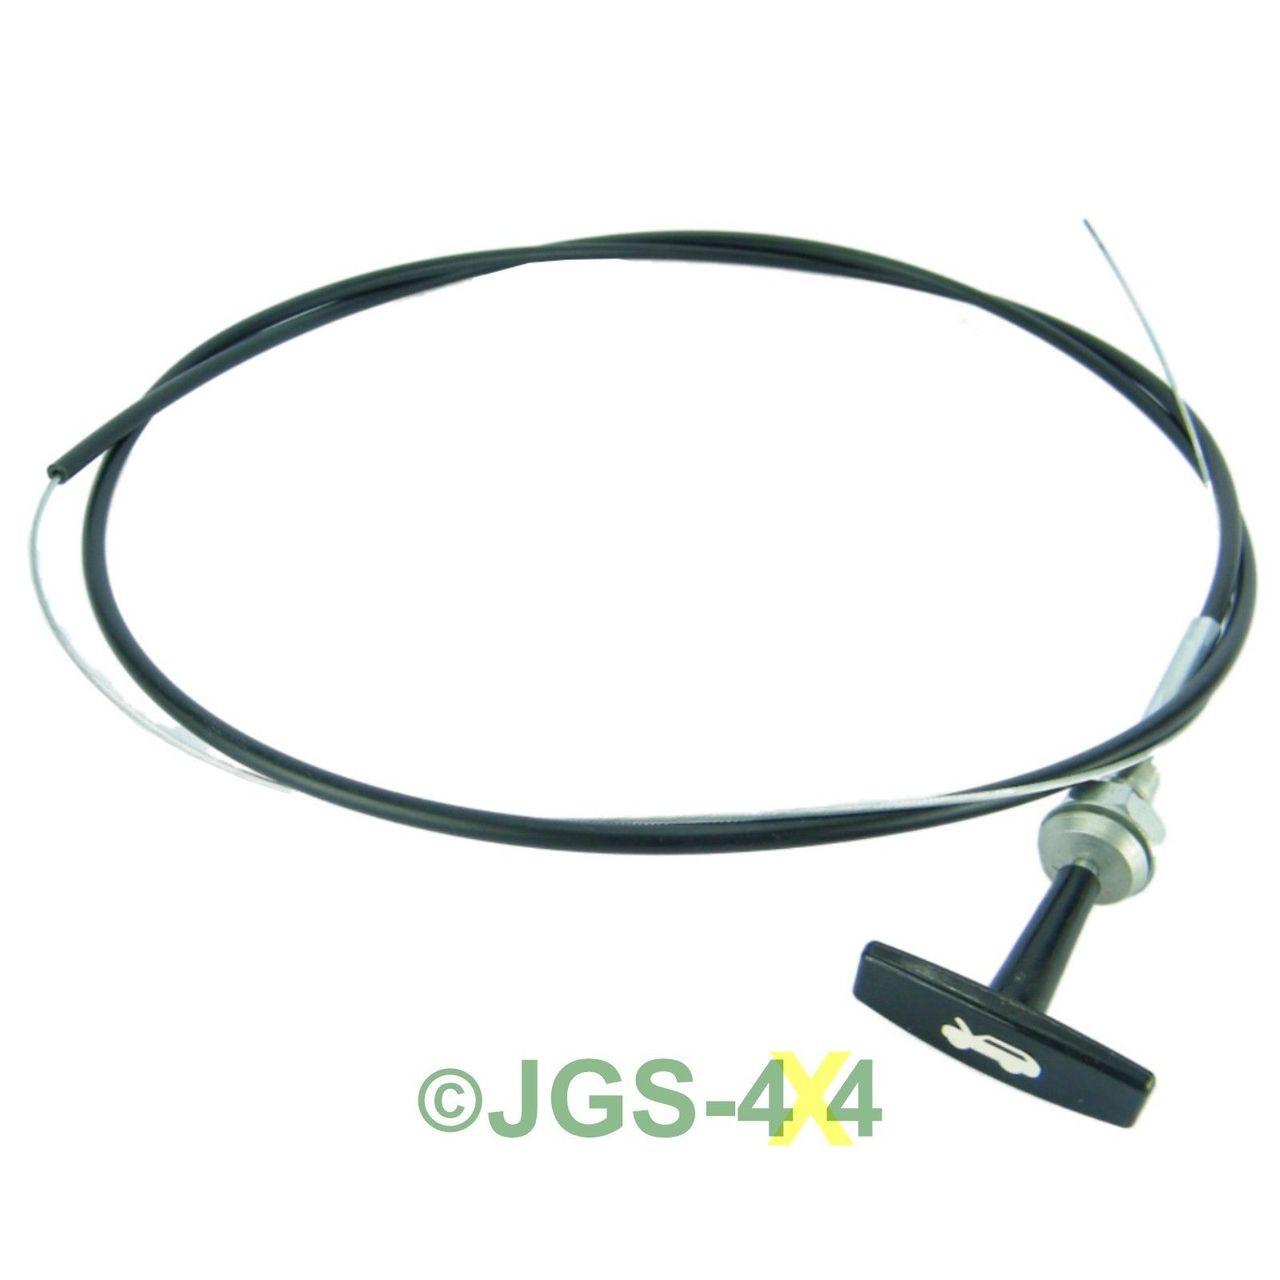 BEARMACH Bonnet Release Cable Part# ALR7062